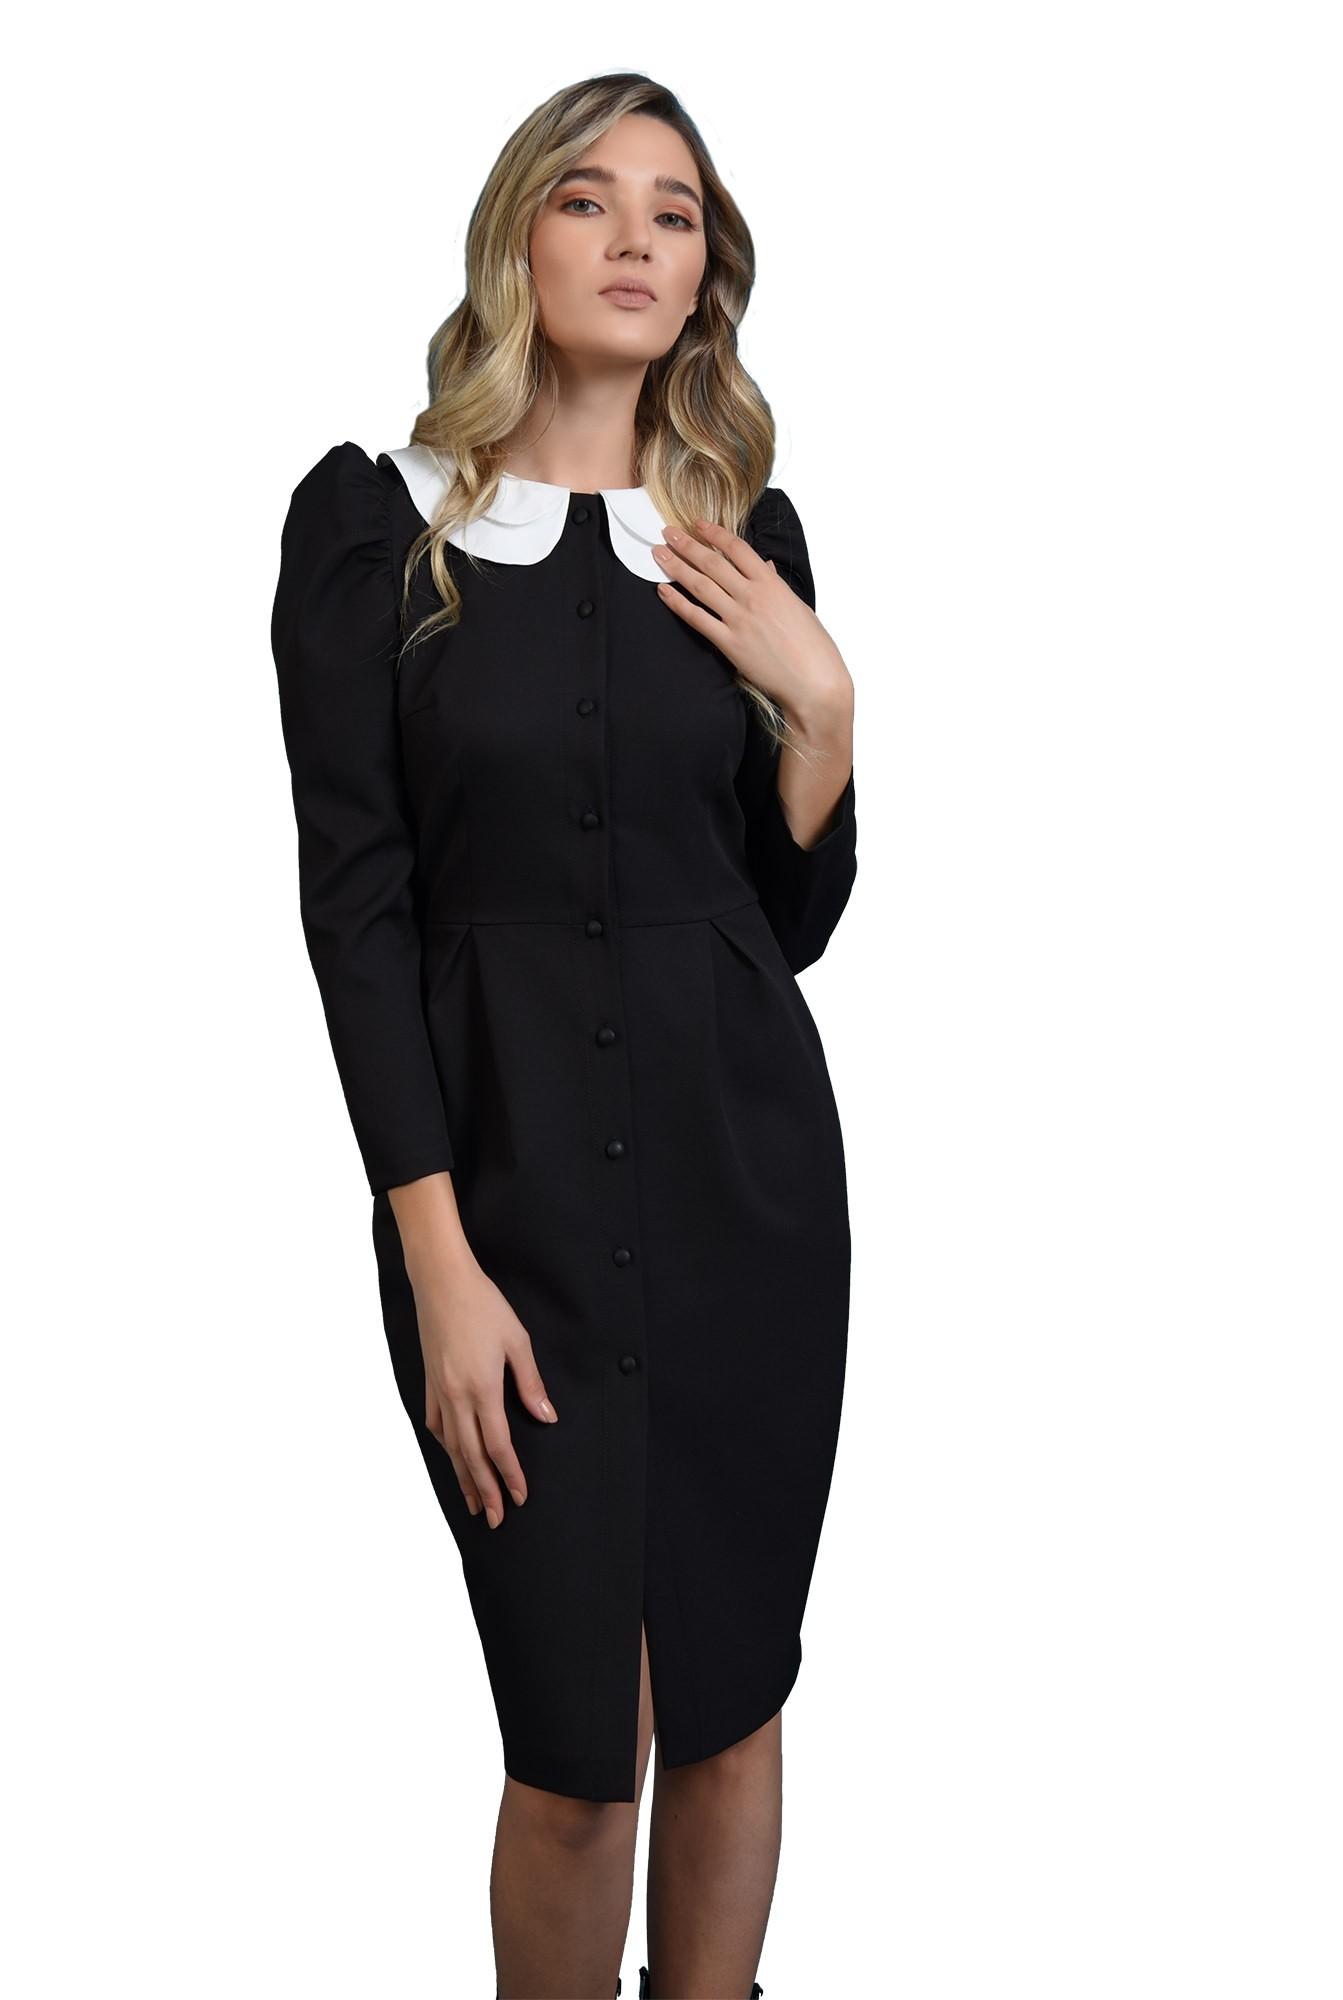 3 - rochie neagra, cu guler detasabil, cu umeri accentuati